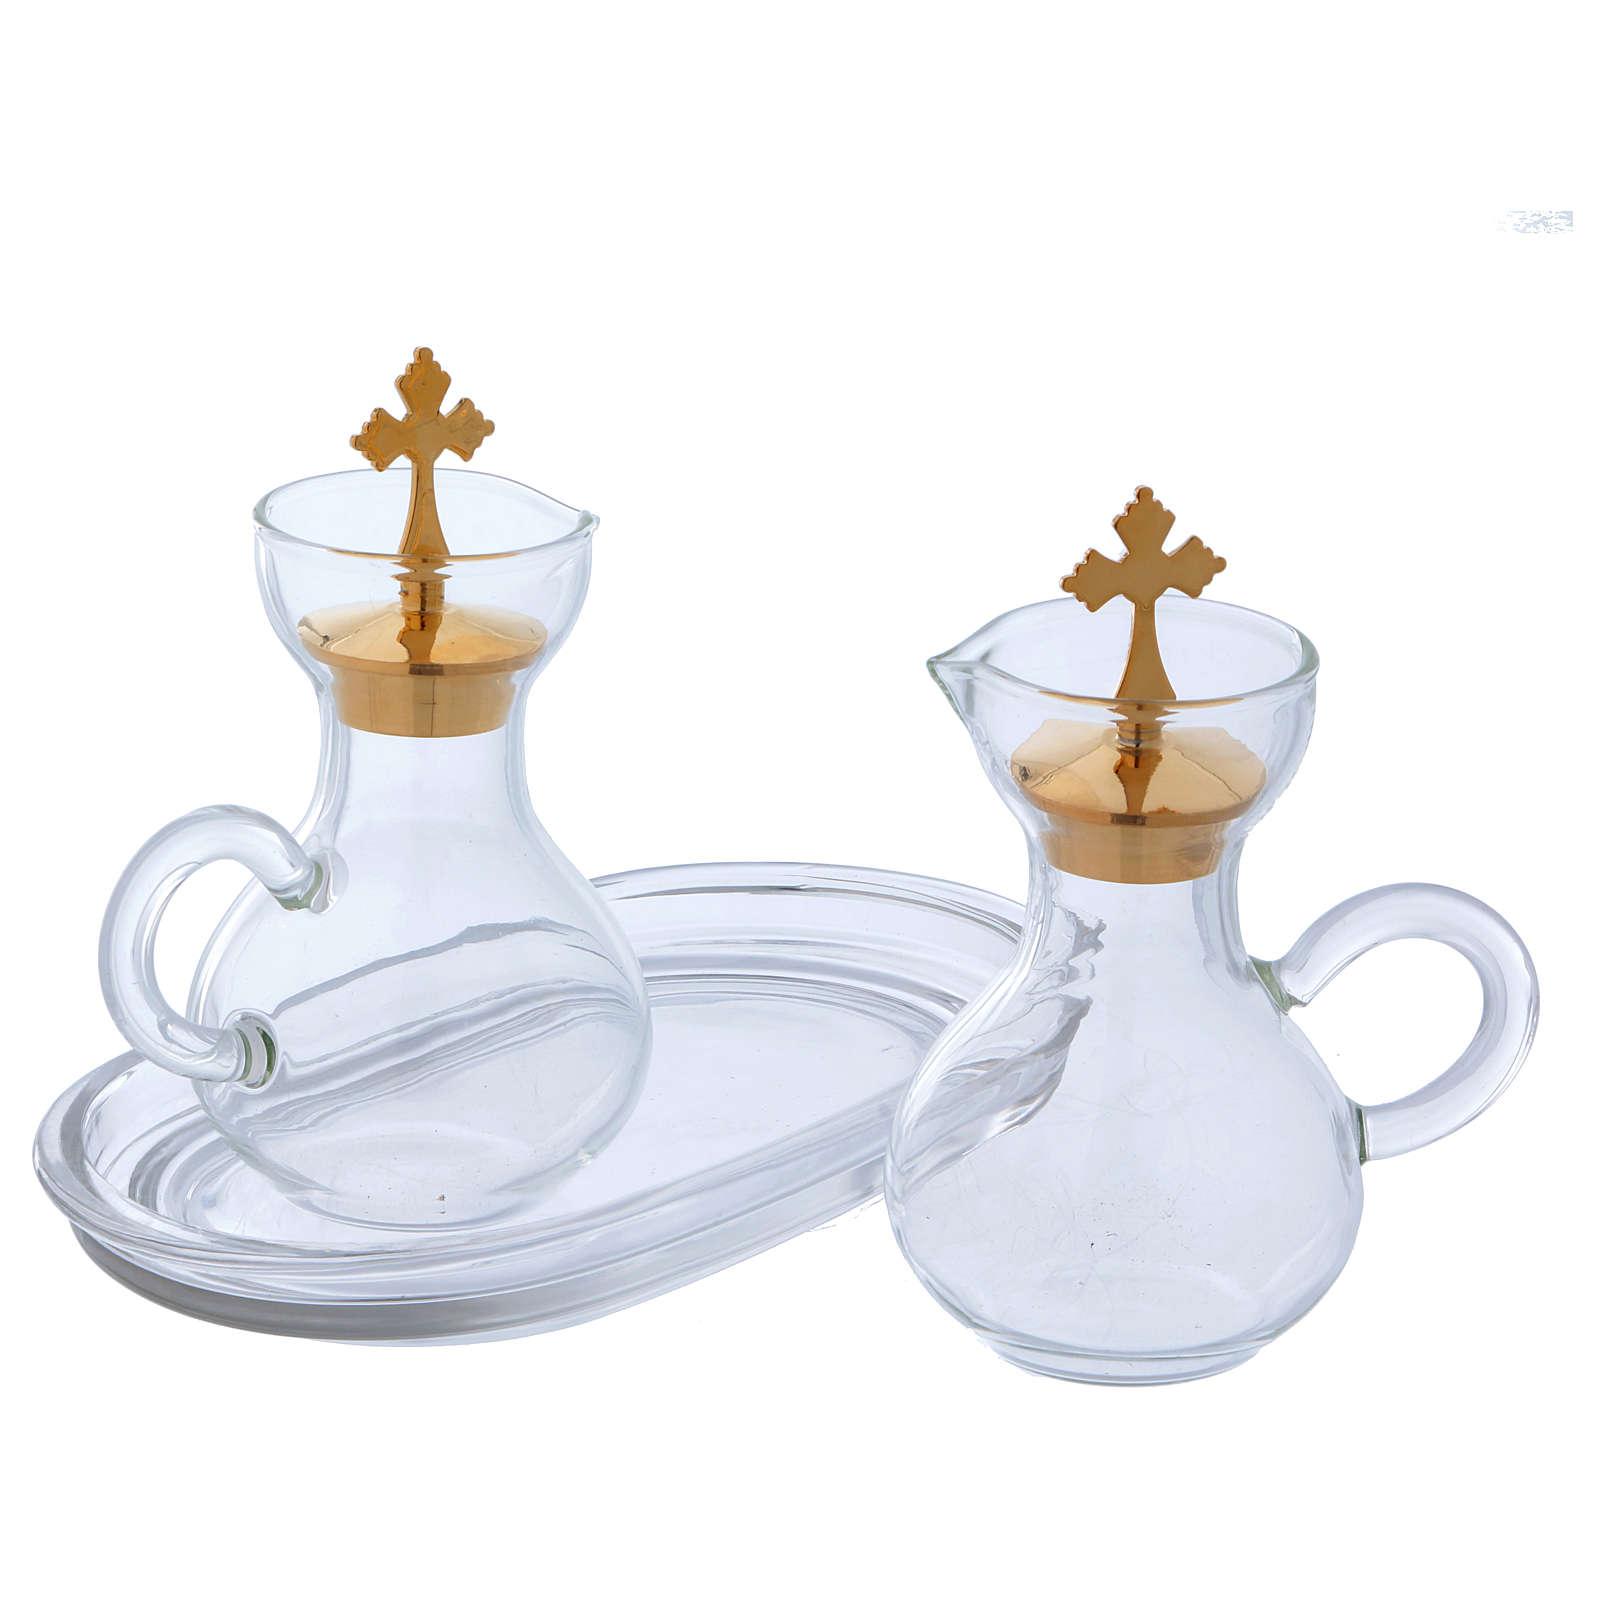 Vinajeras de vidrio para la liturgia 110ml 4